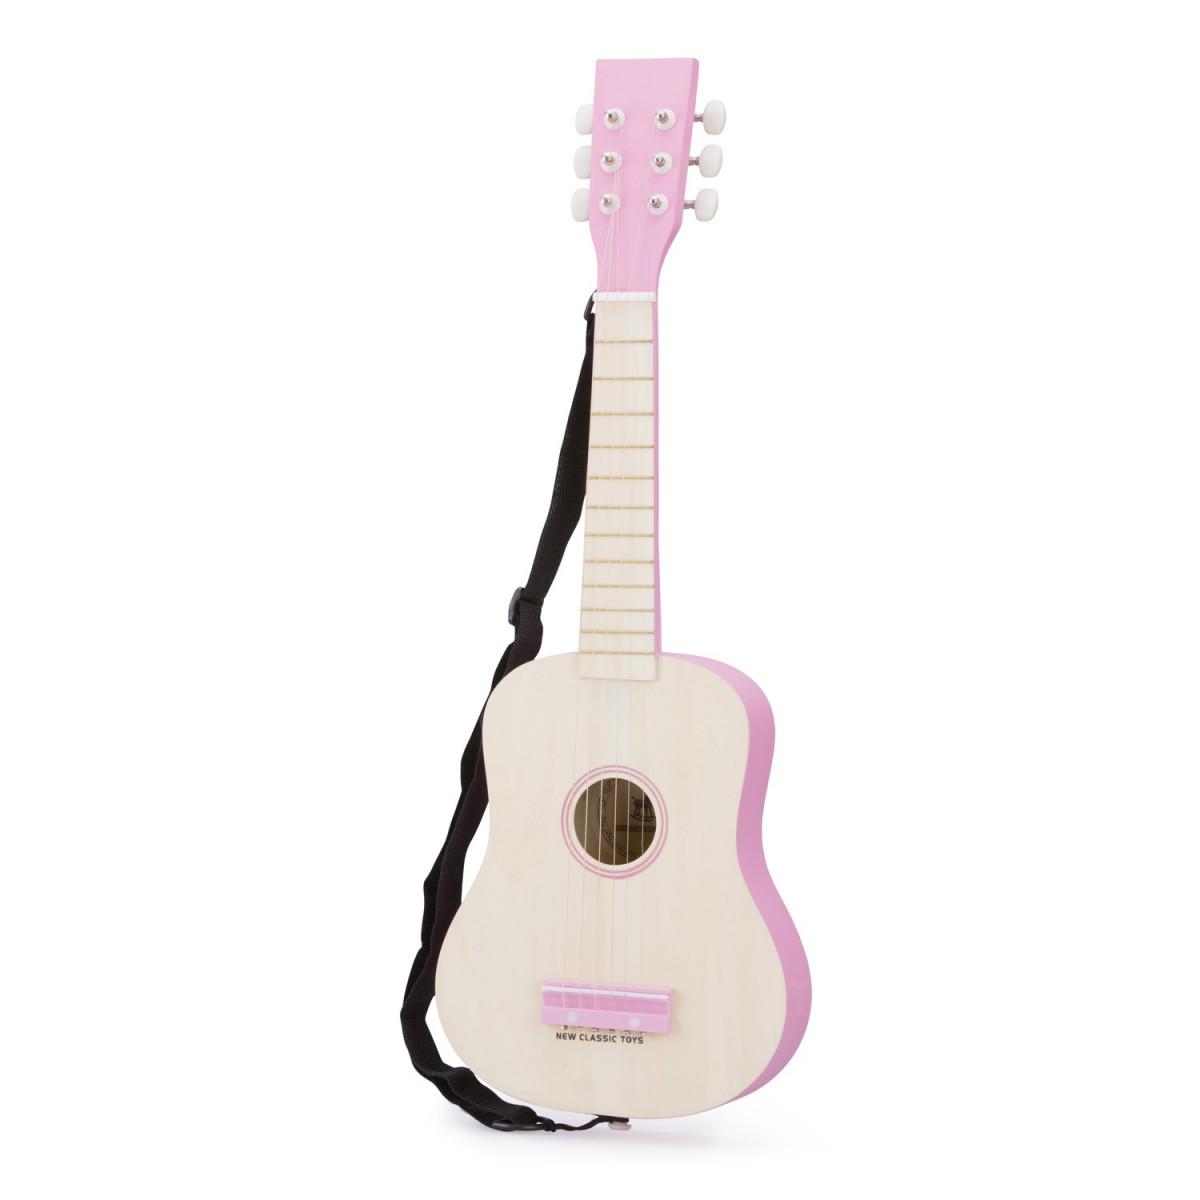 Guitare Naturelle Rose New Classic Toys 10302